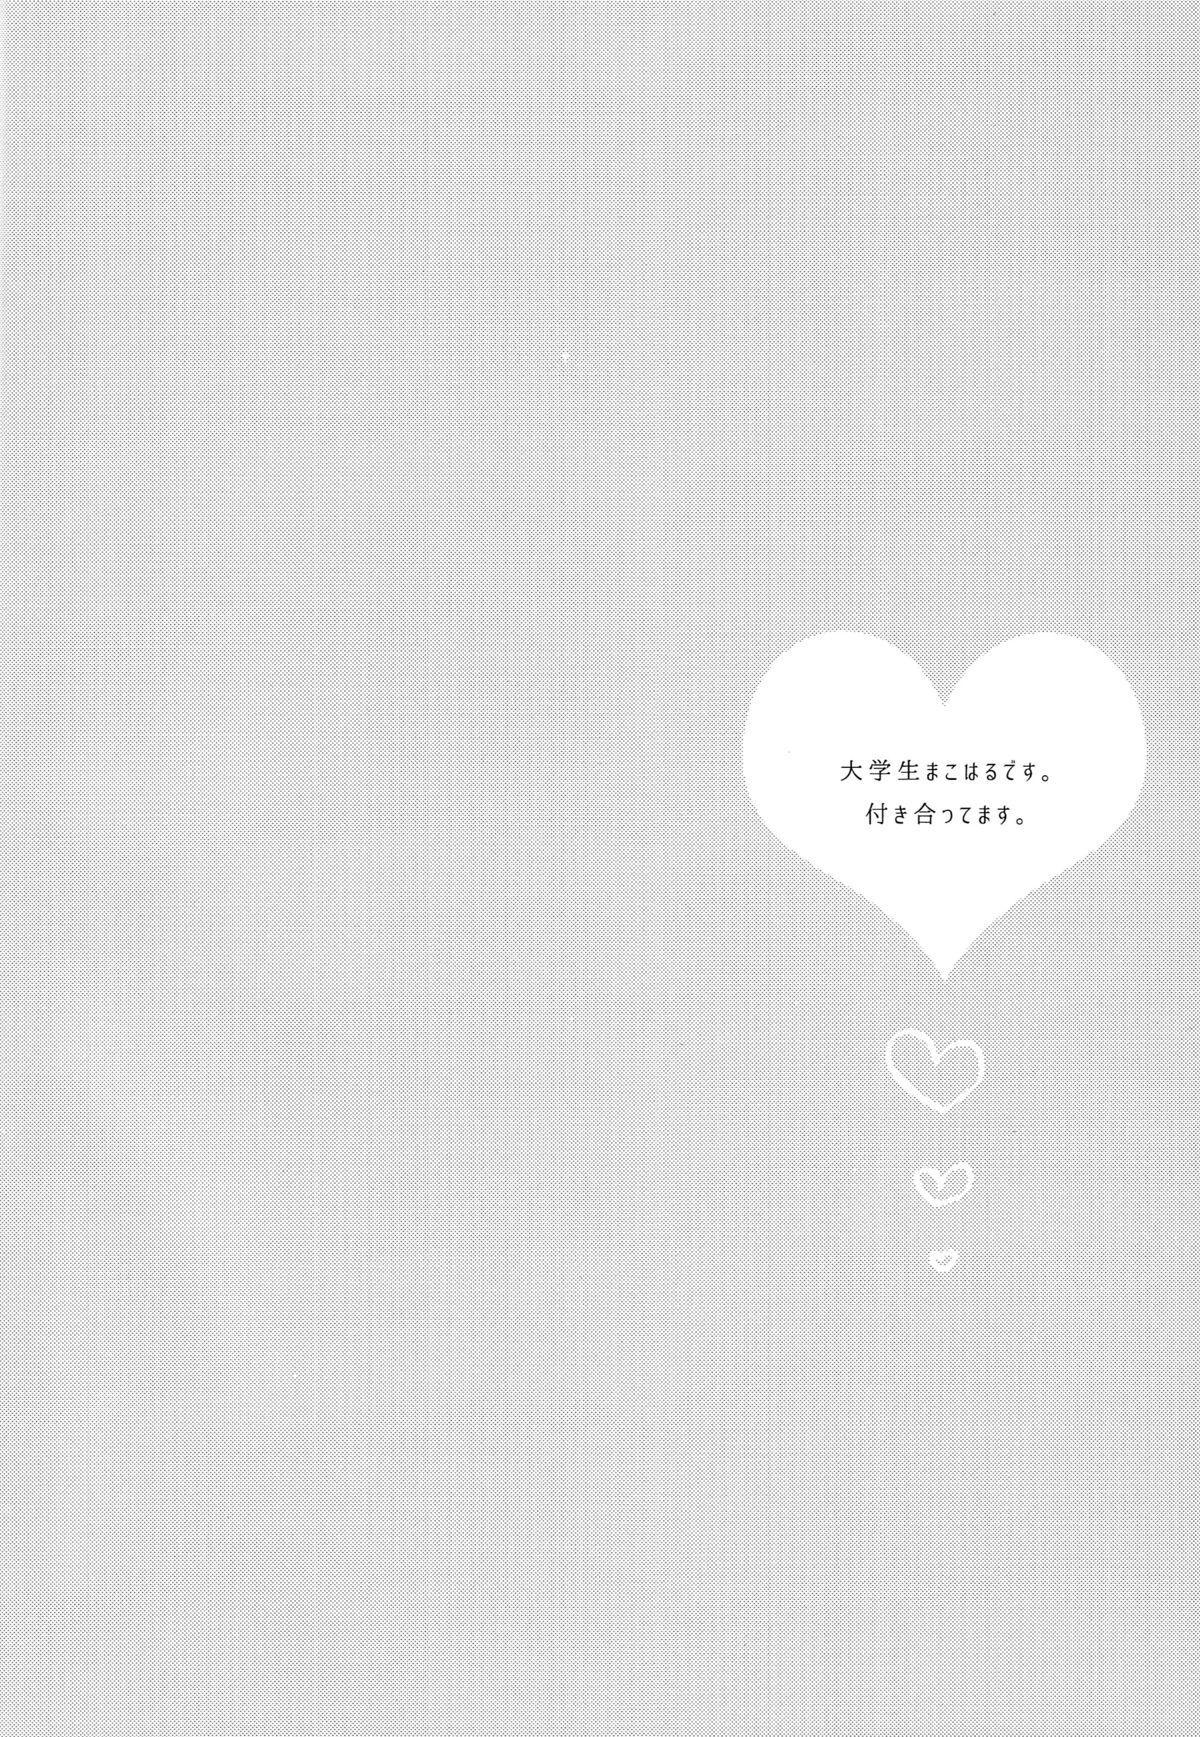 Tsunagaru Heart 2